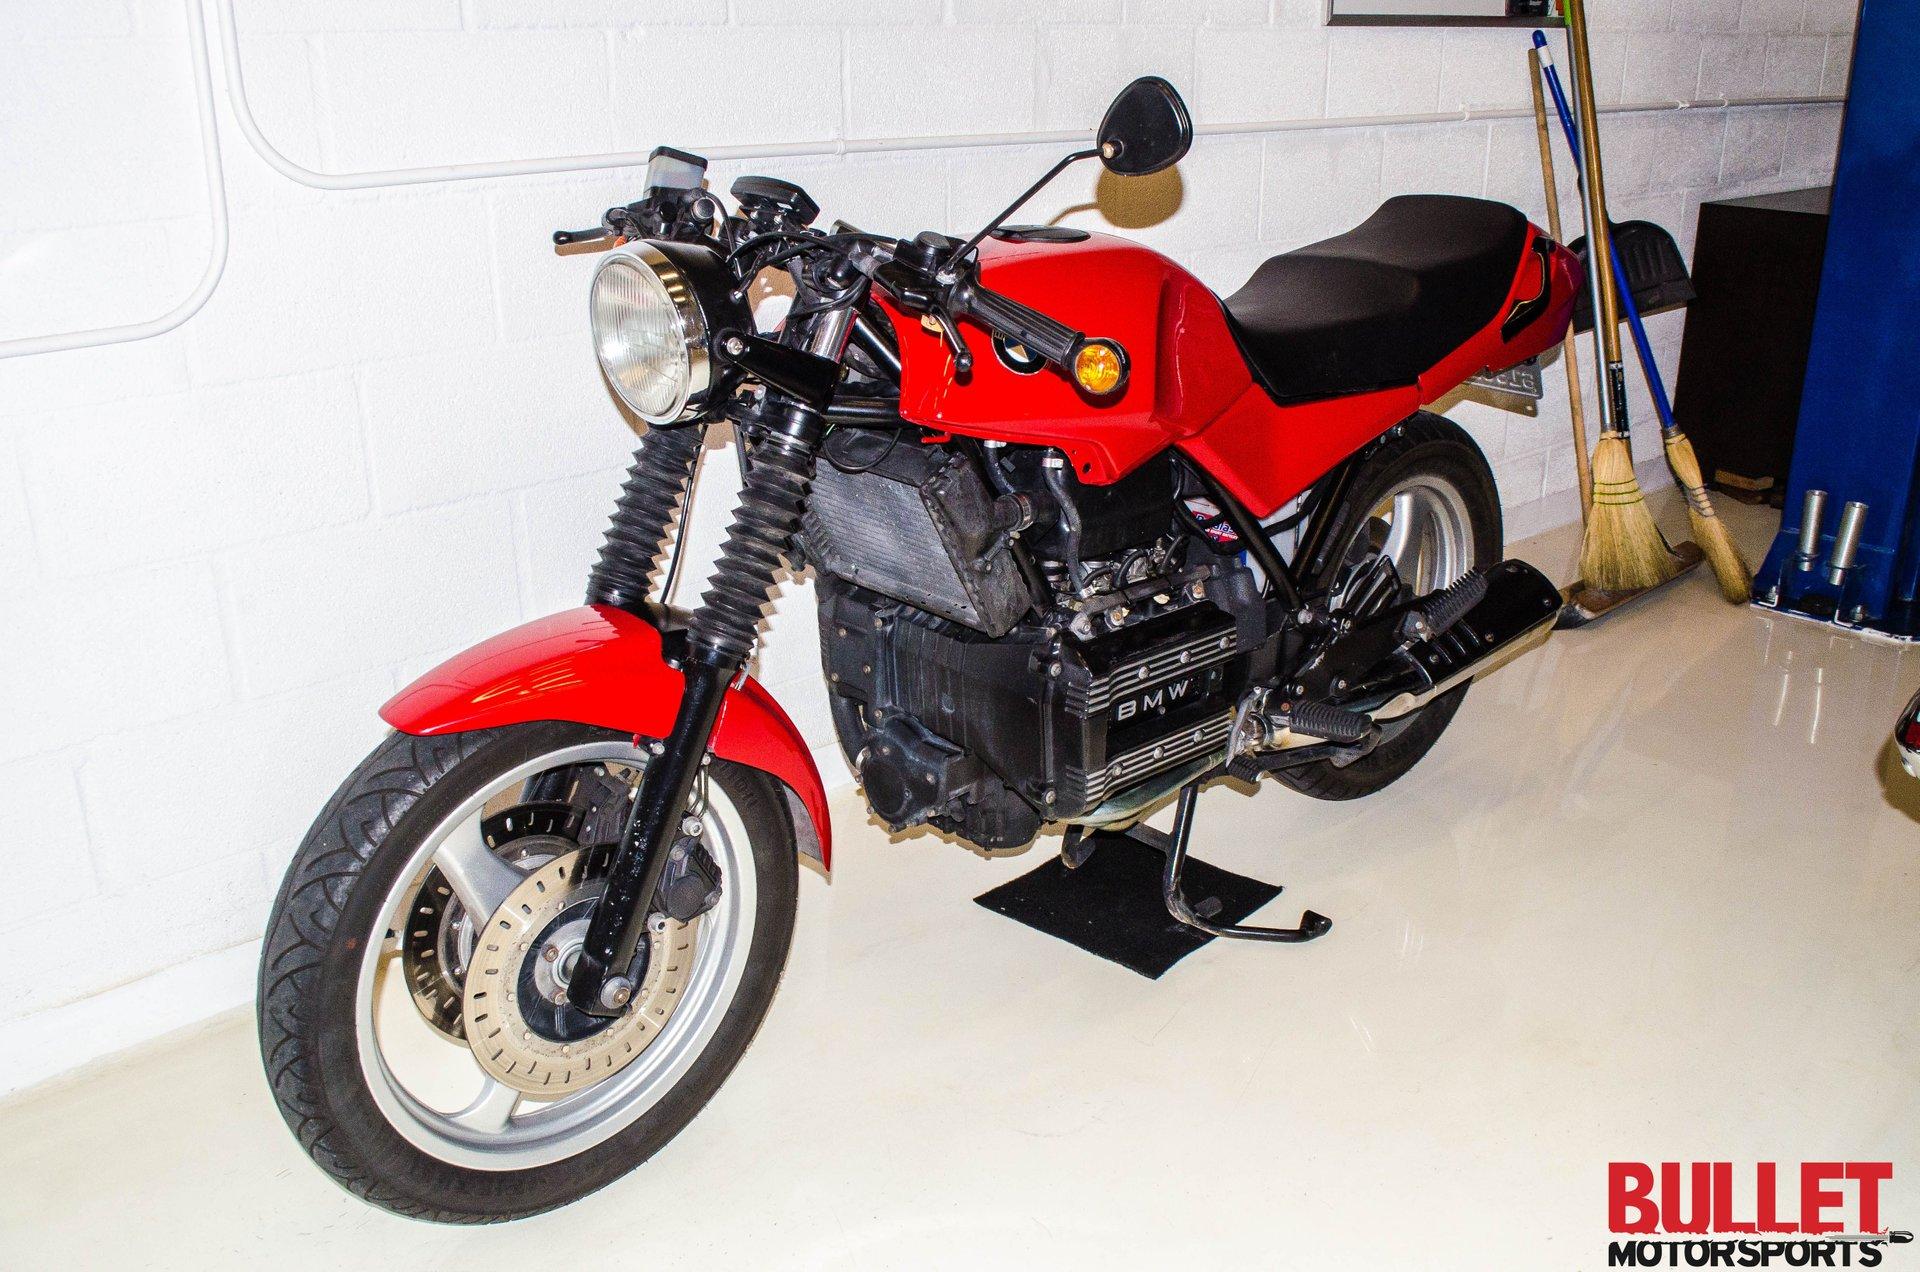 1993 bmw k75s